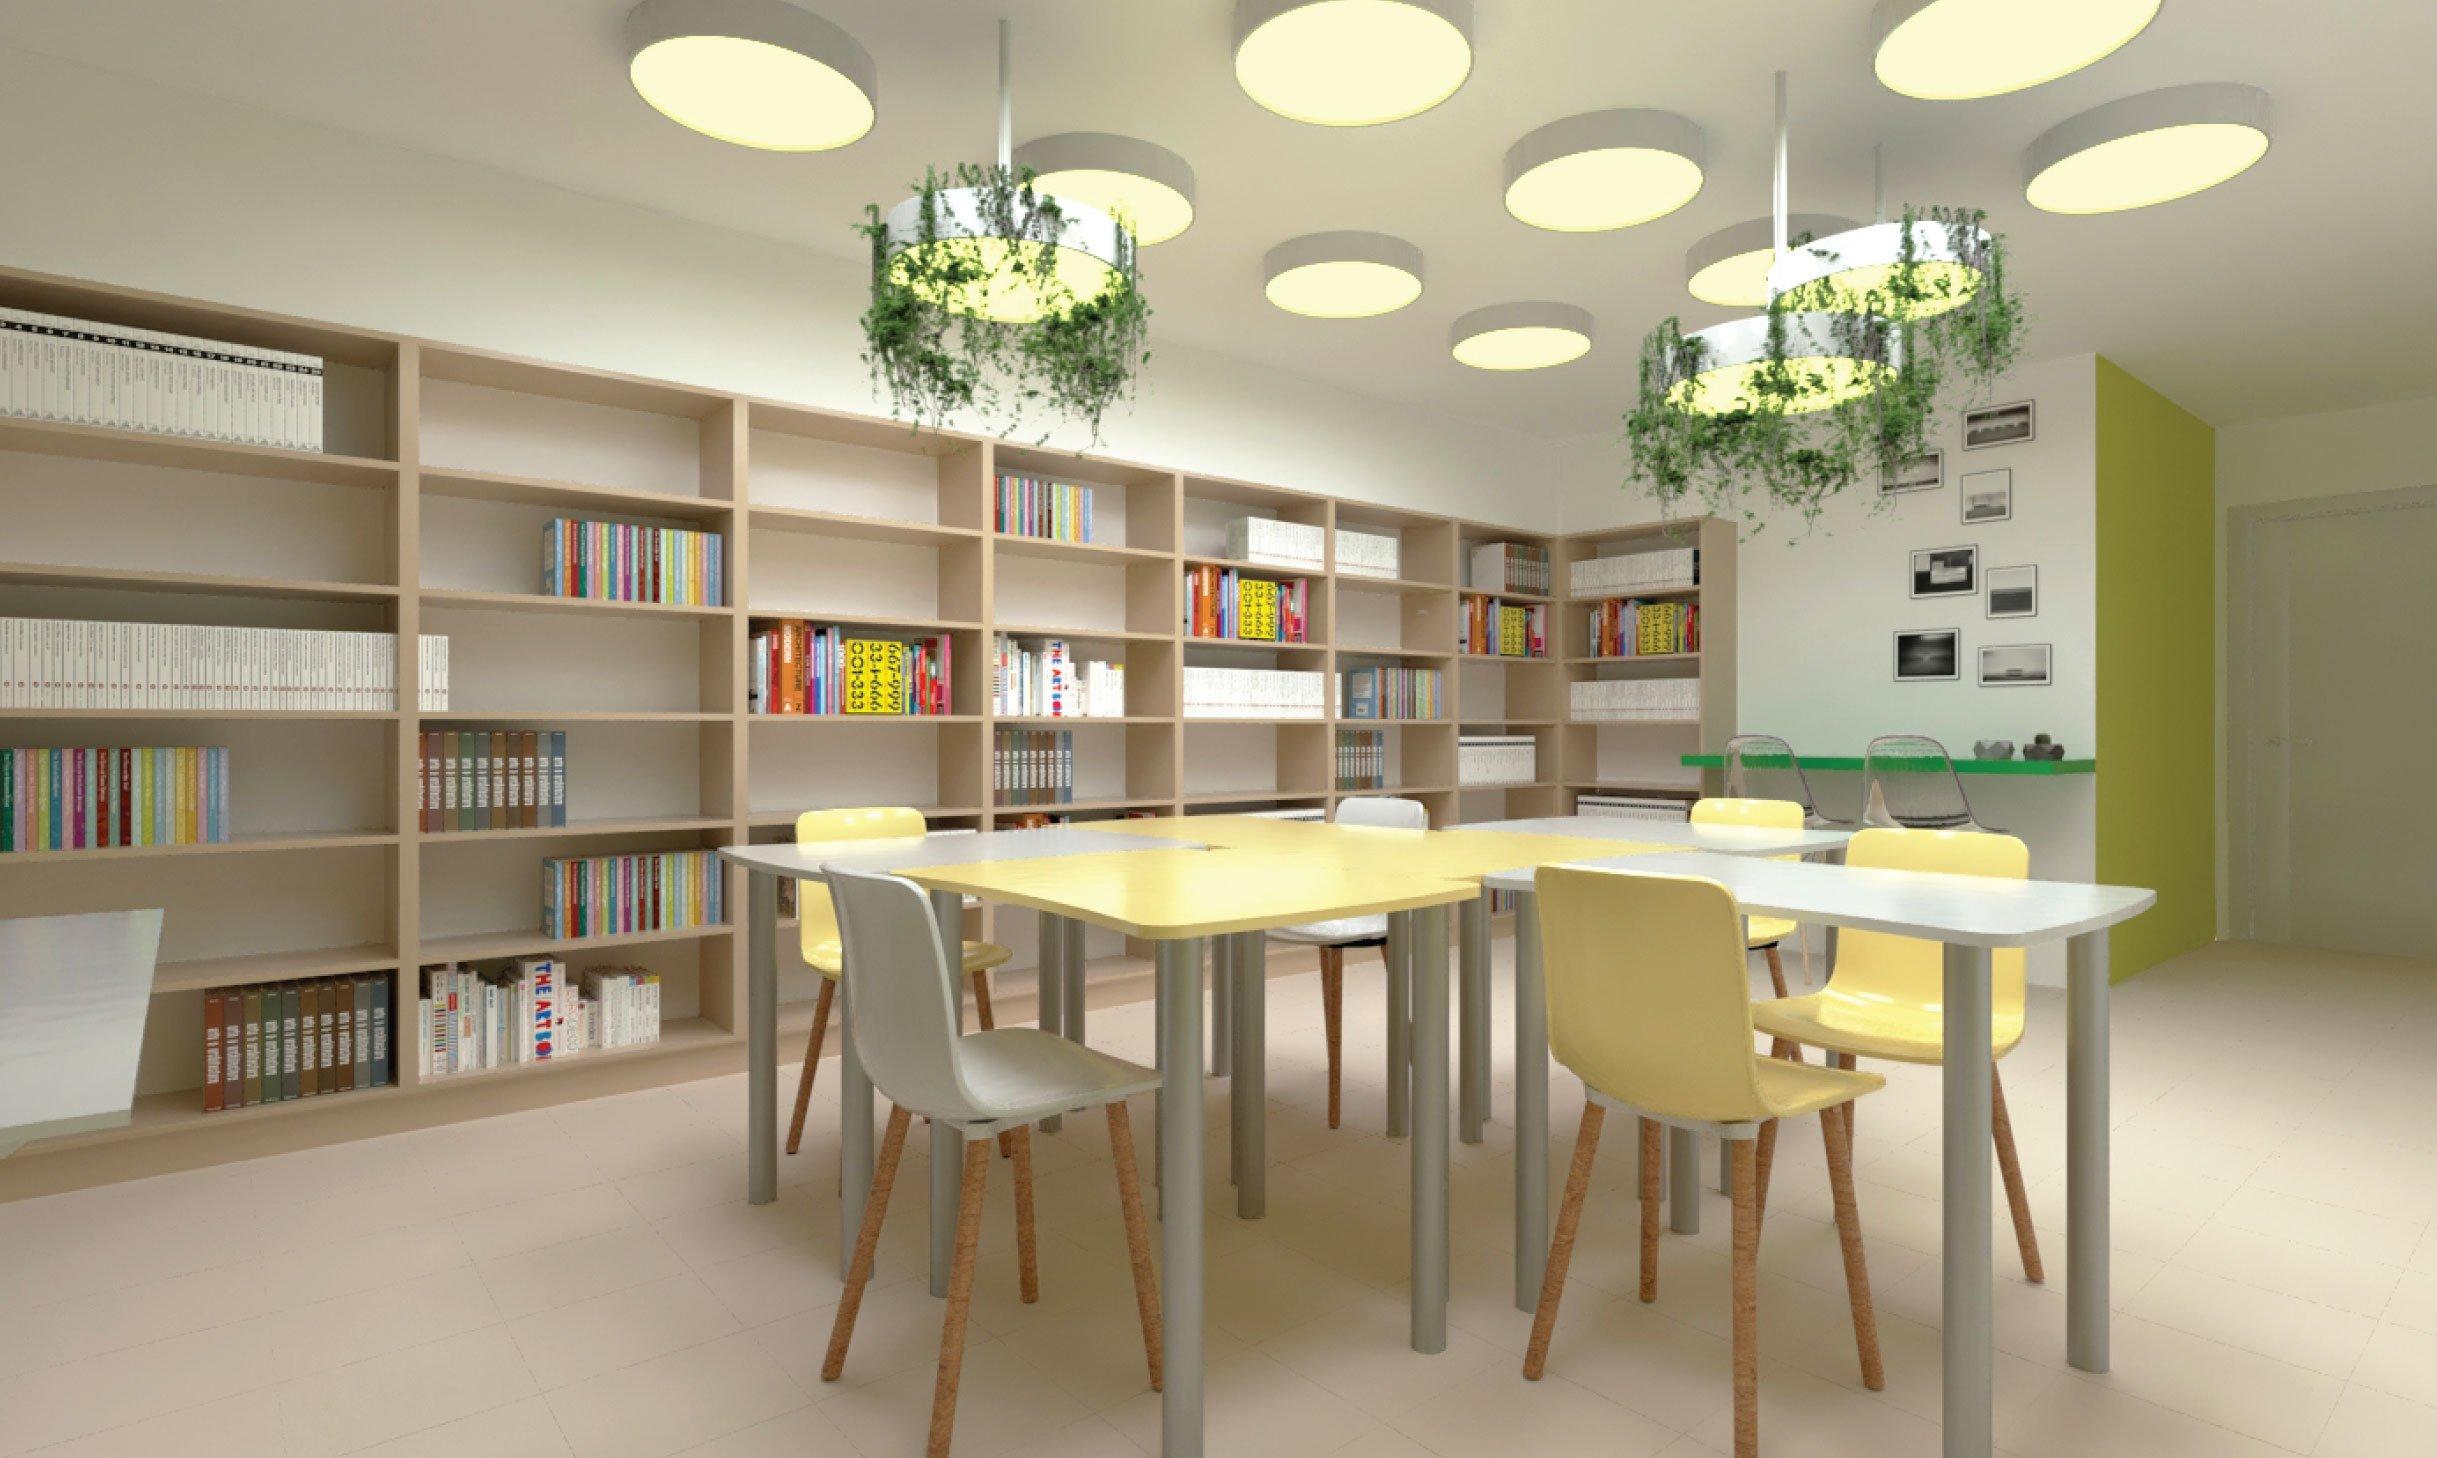 תכנון ועיצוב סיפריית בית ספר